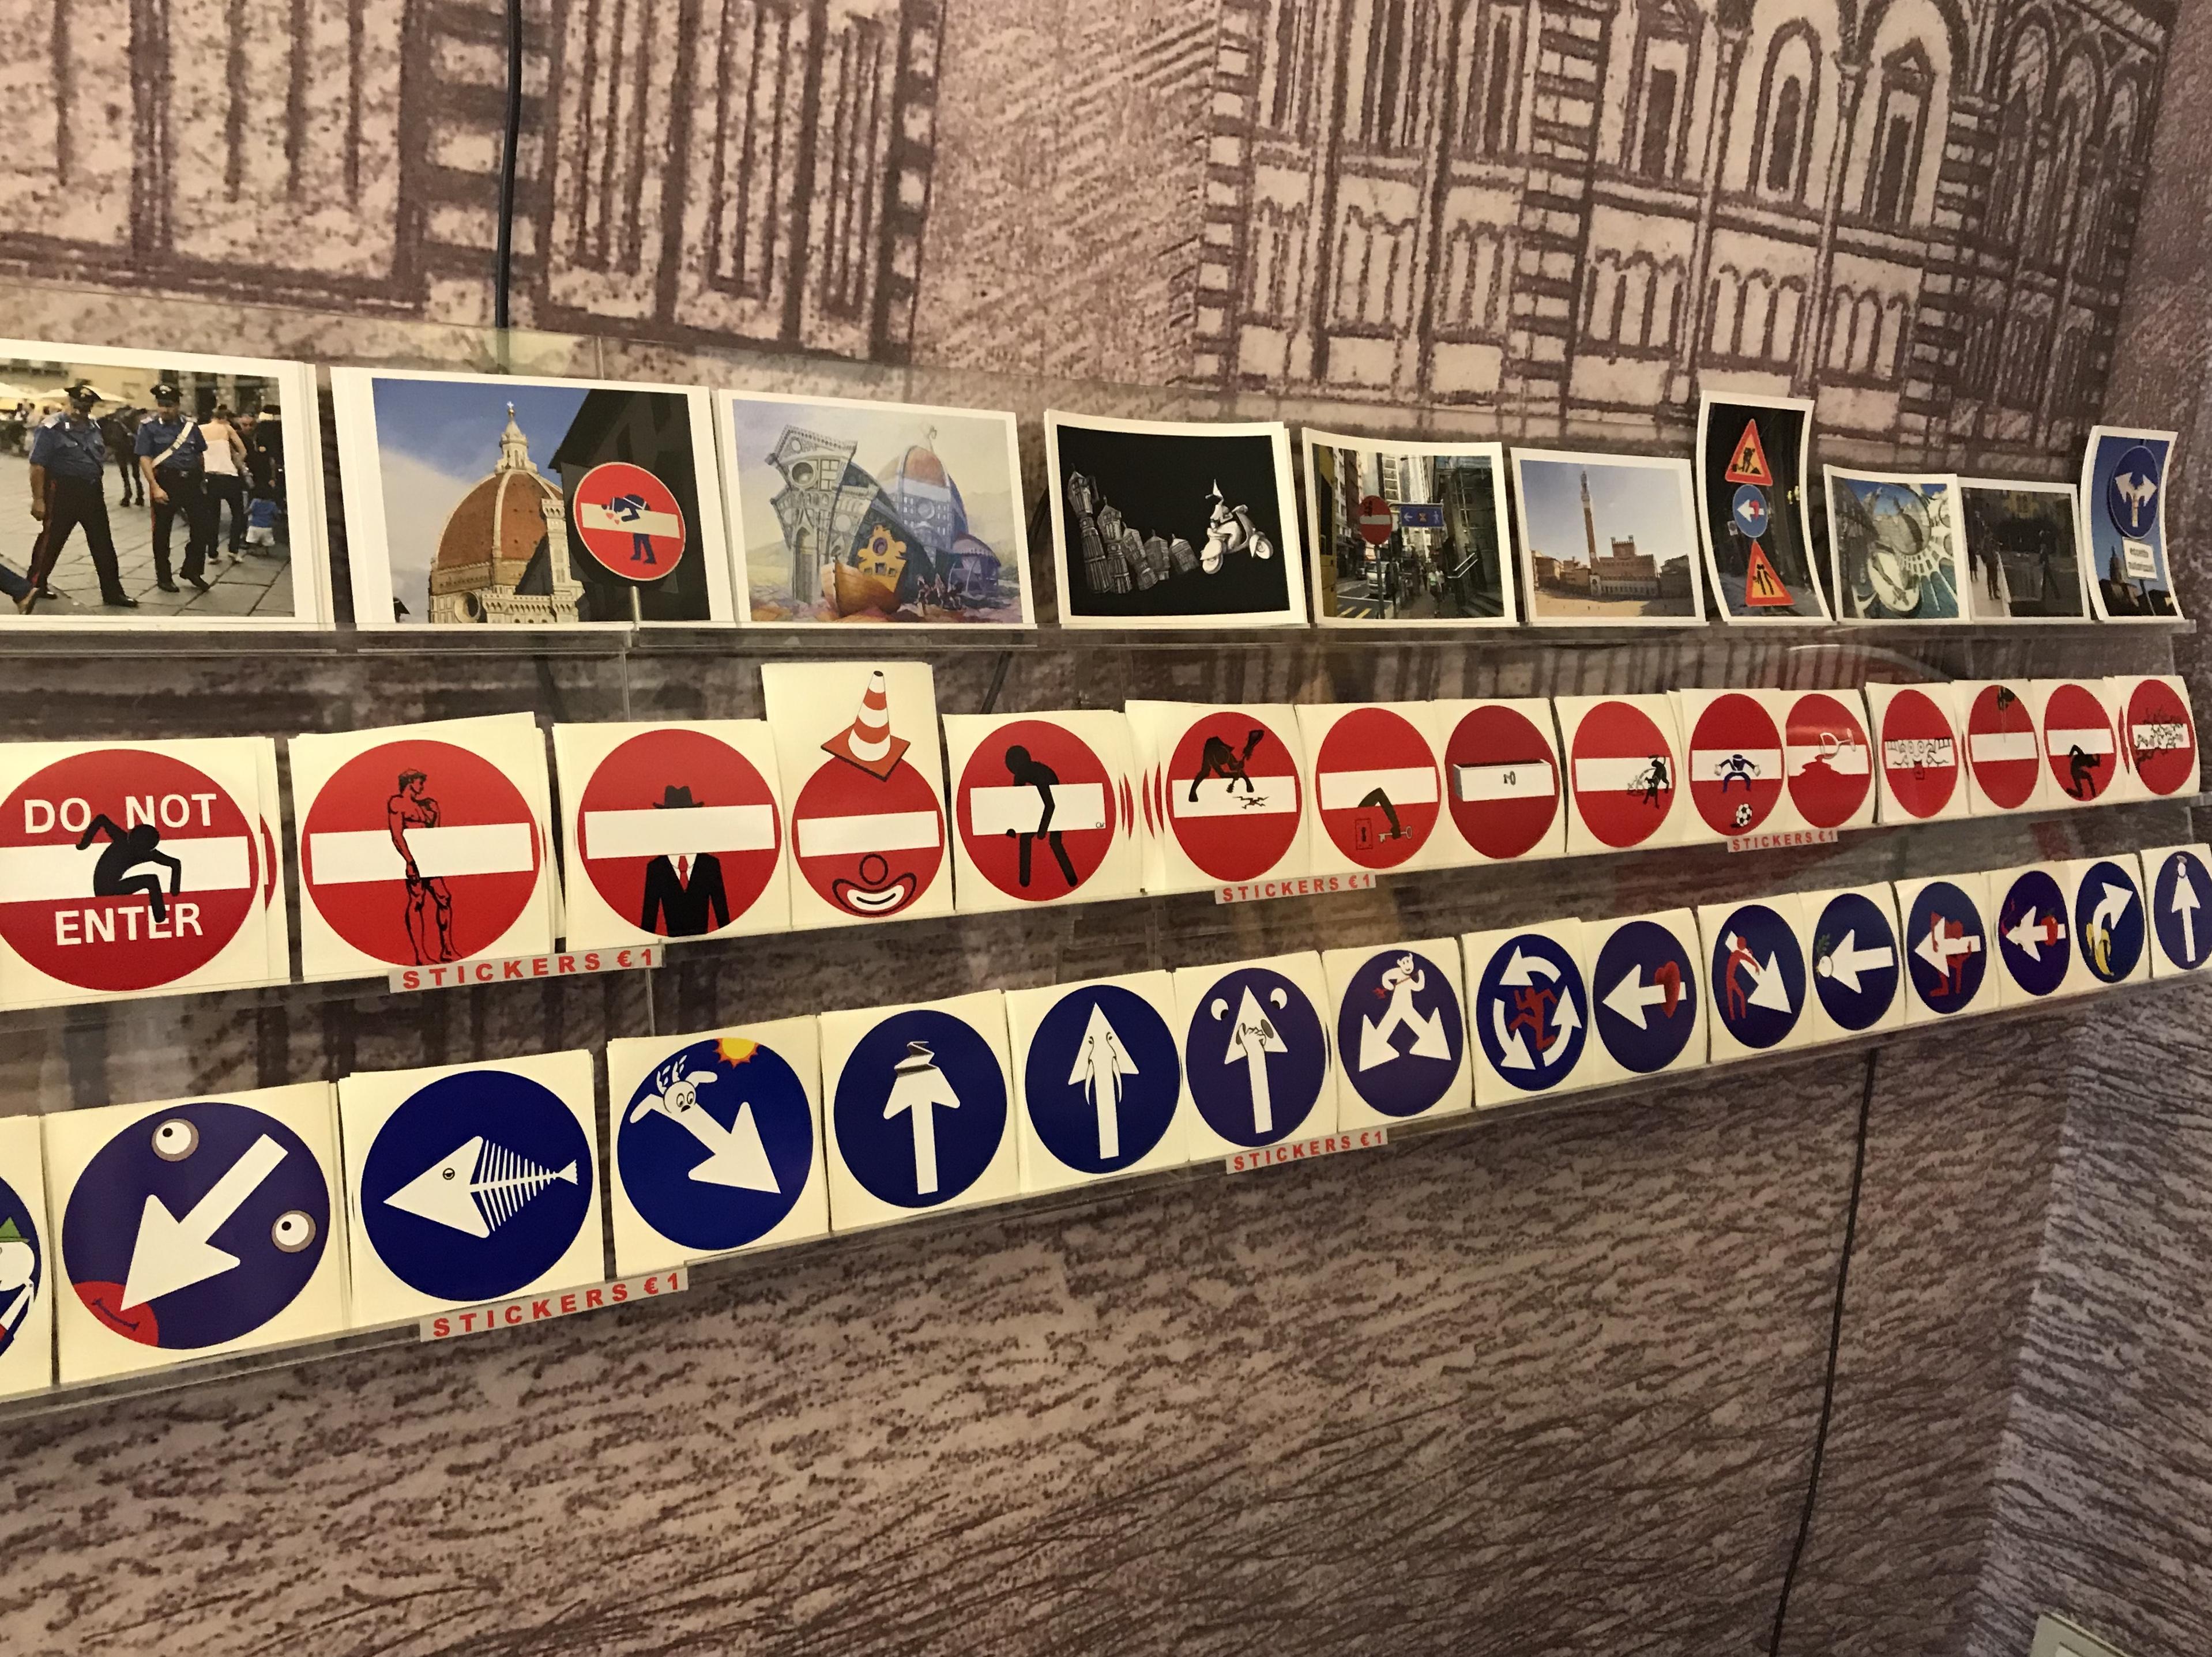 Znaki drogowe, które rozbudziły wyobraźnię florenckiego artysty.